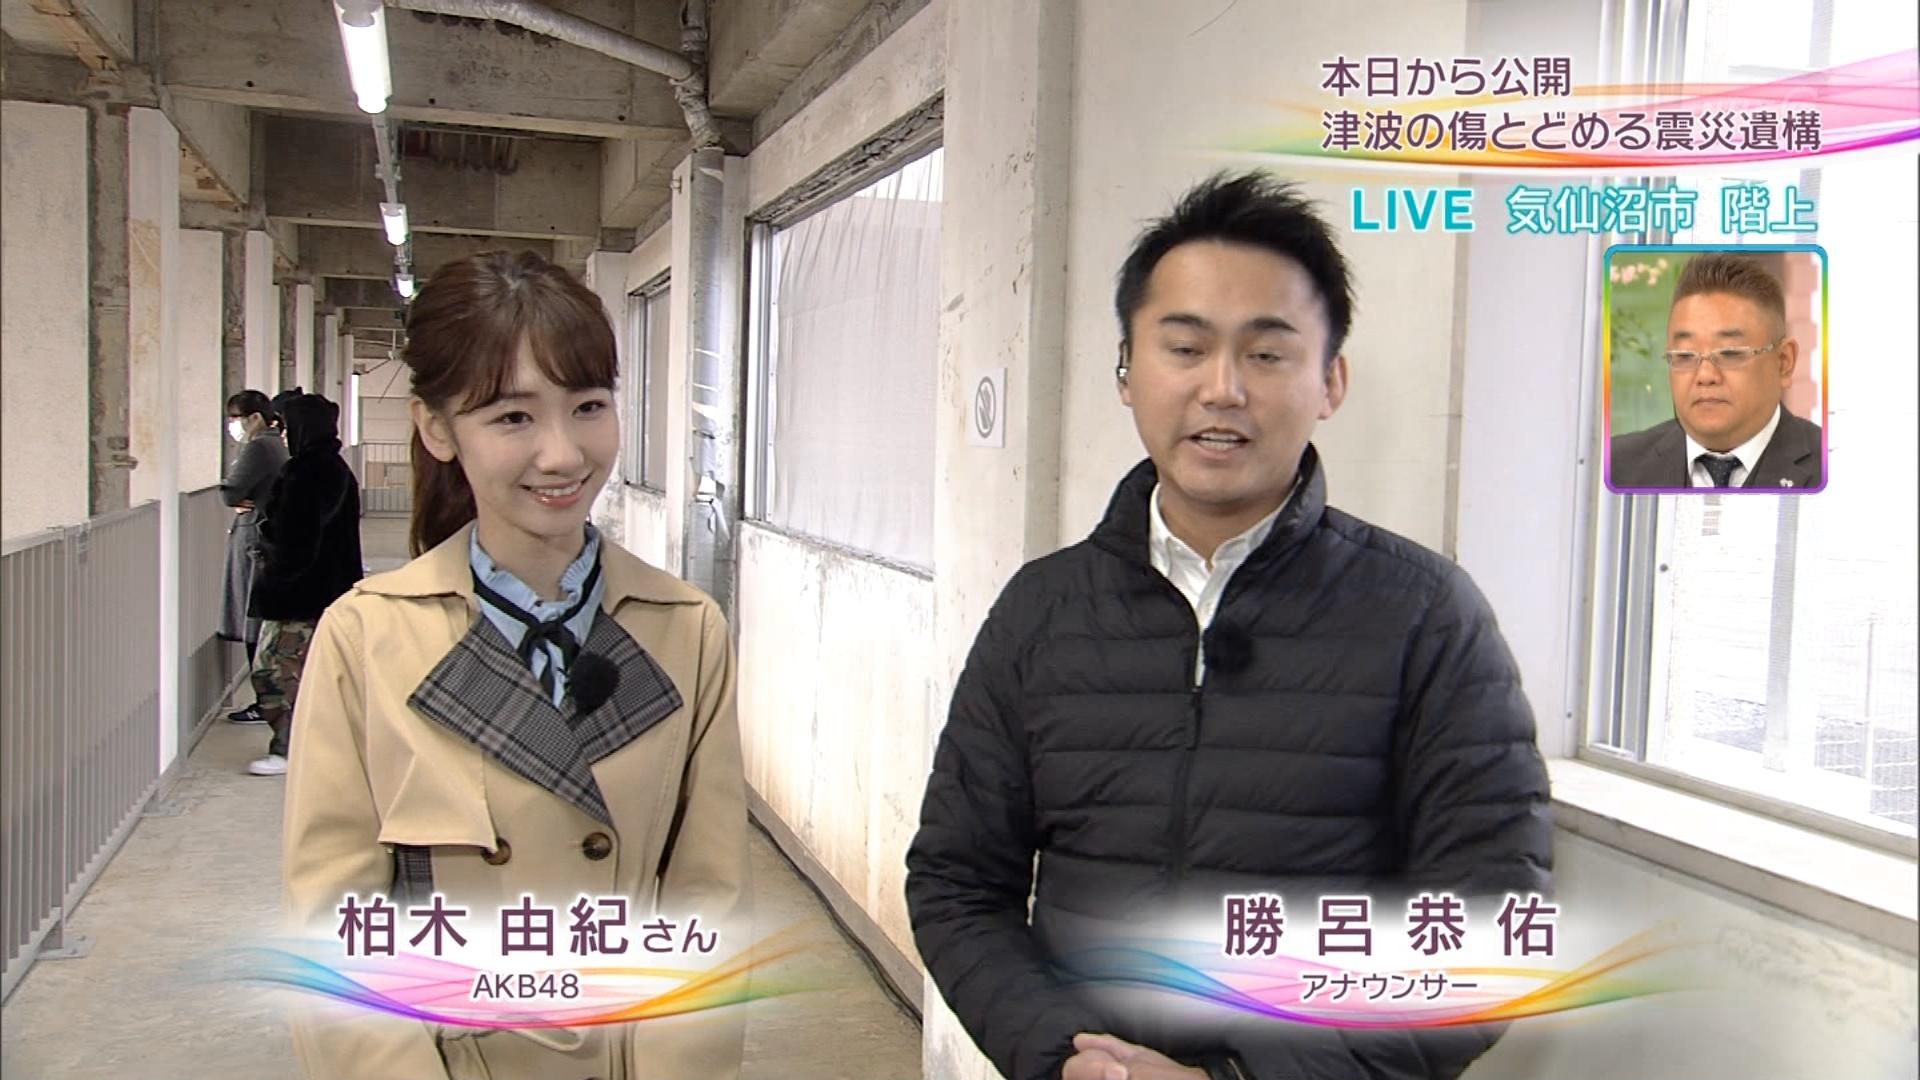 【悲報】向井地美音の総監督就任が発表されてわずか3ヶ月の間にAKBSHOW終了、ANN降板、NHKラジオ終了、支配人更迭wwwwwwww